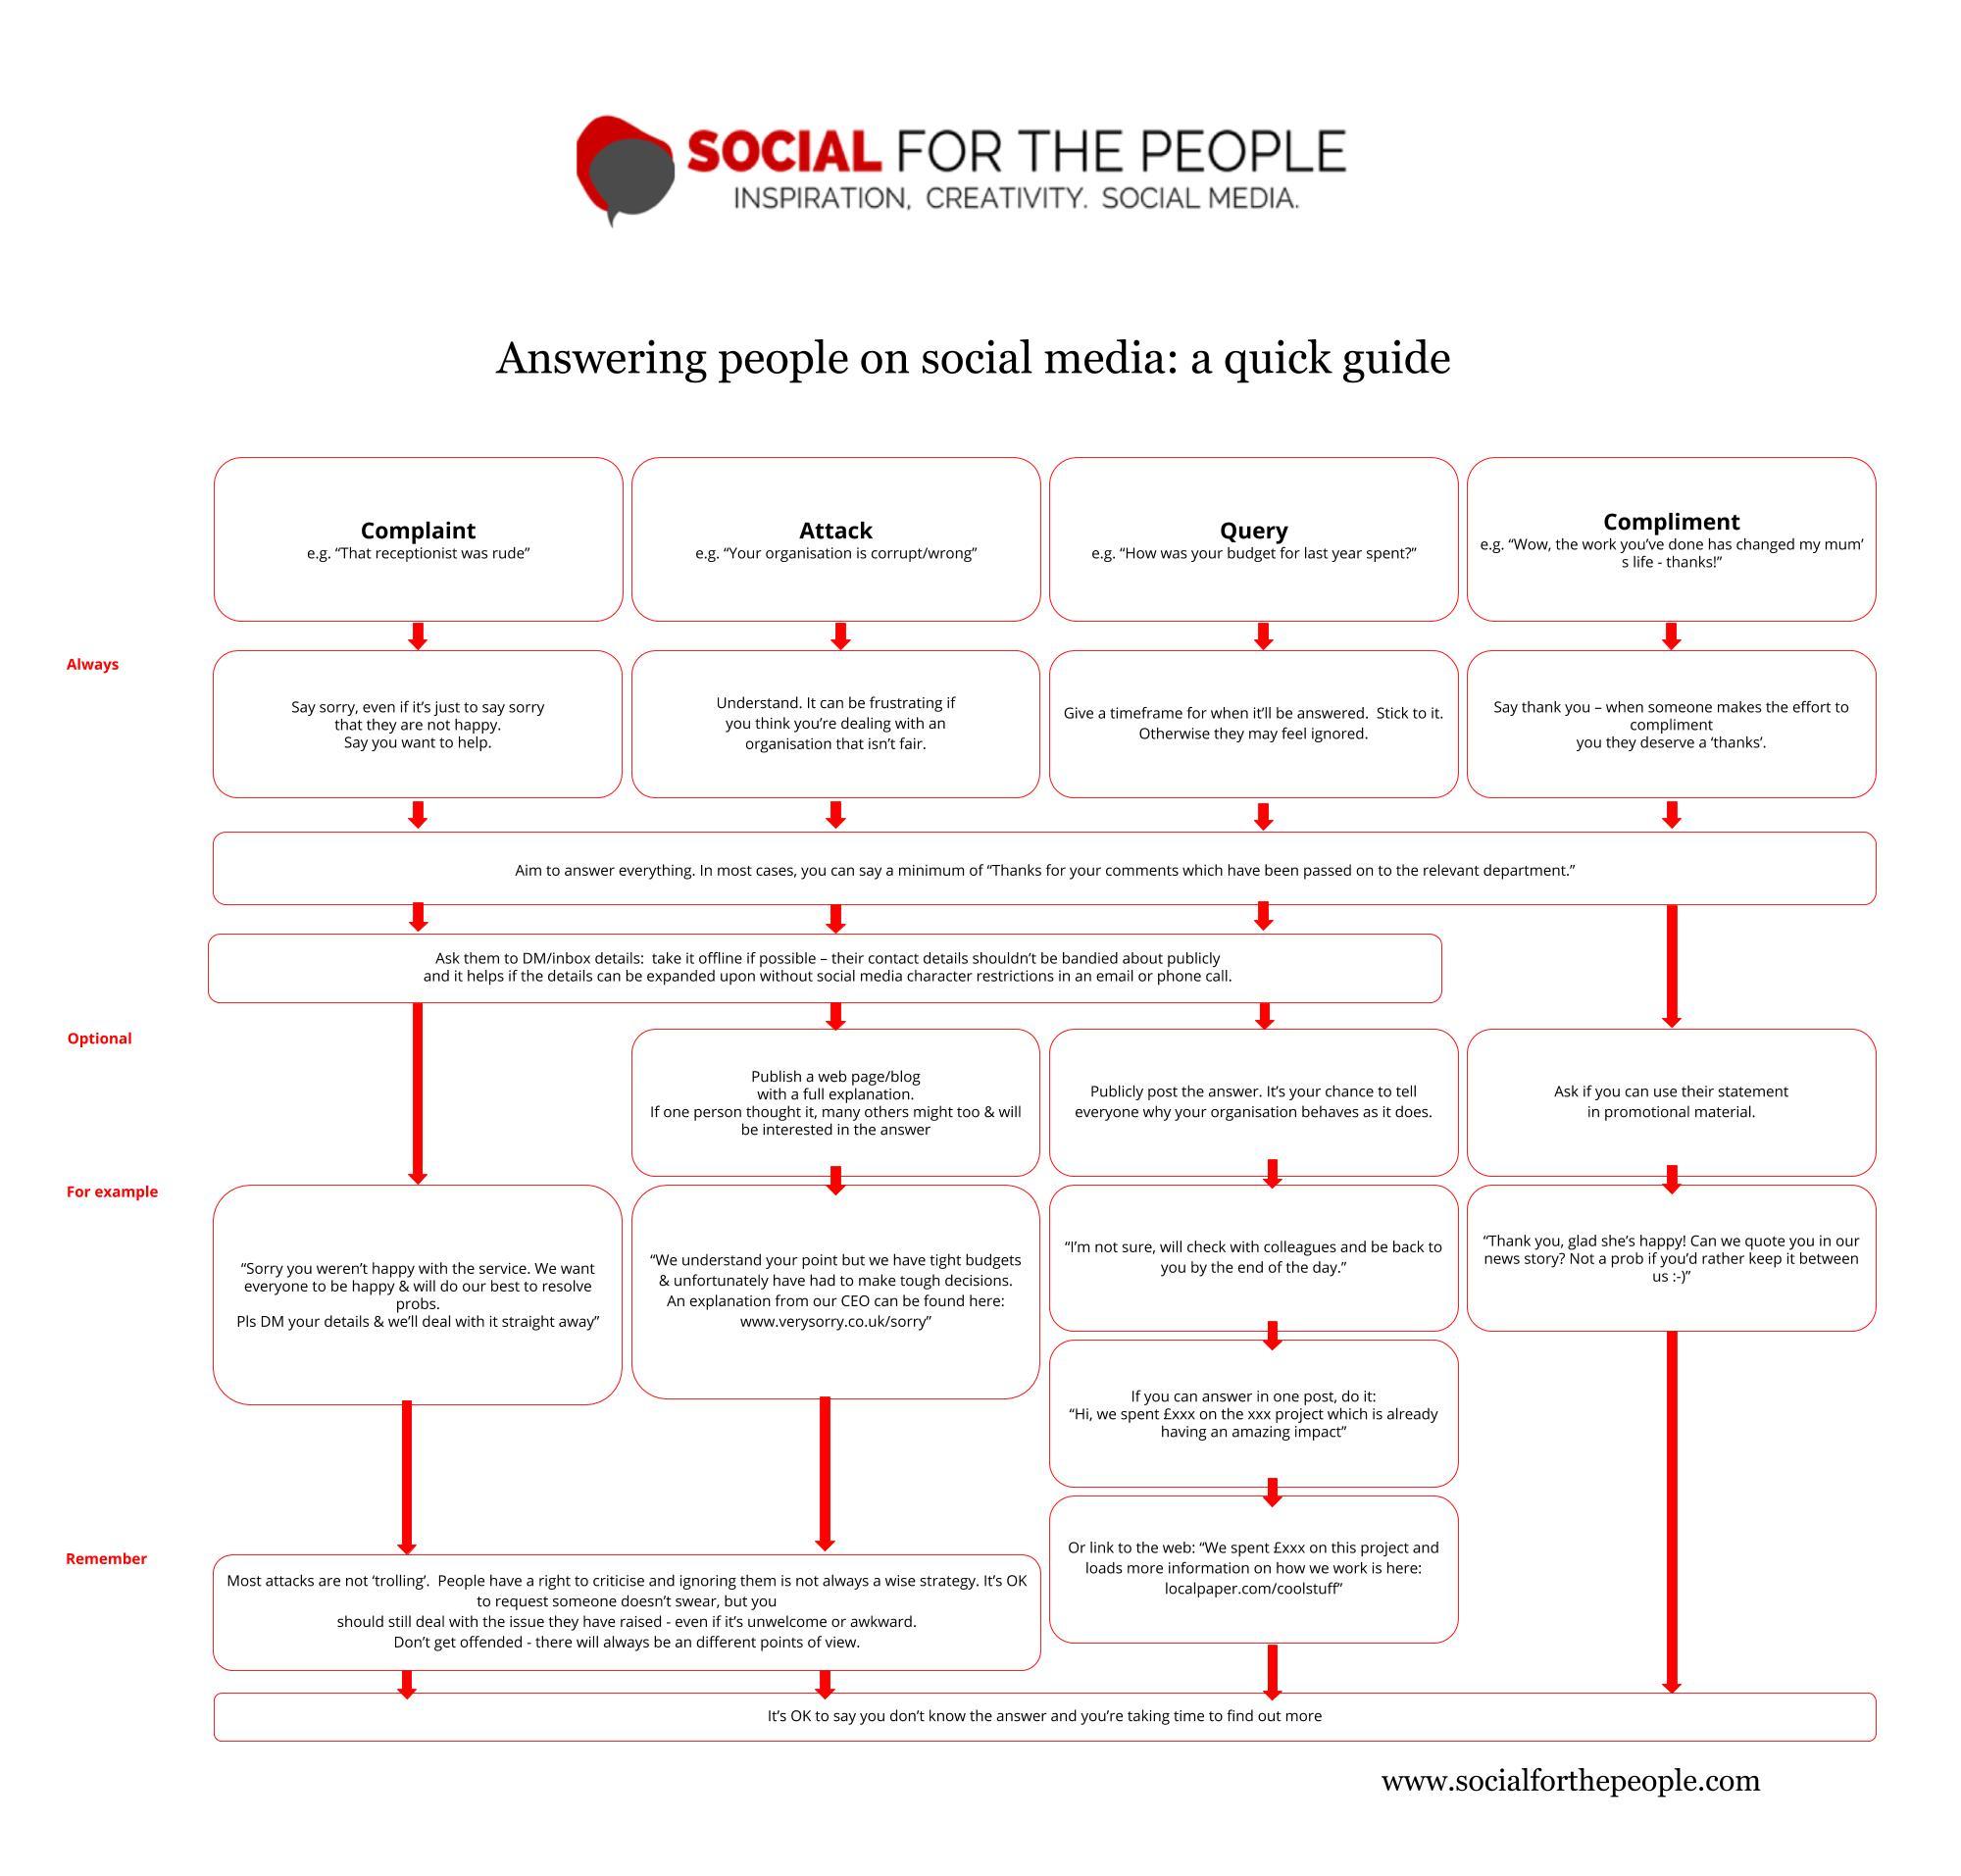 www.socialforthepeople.com